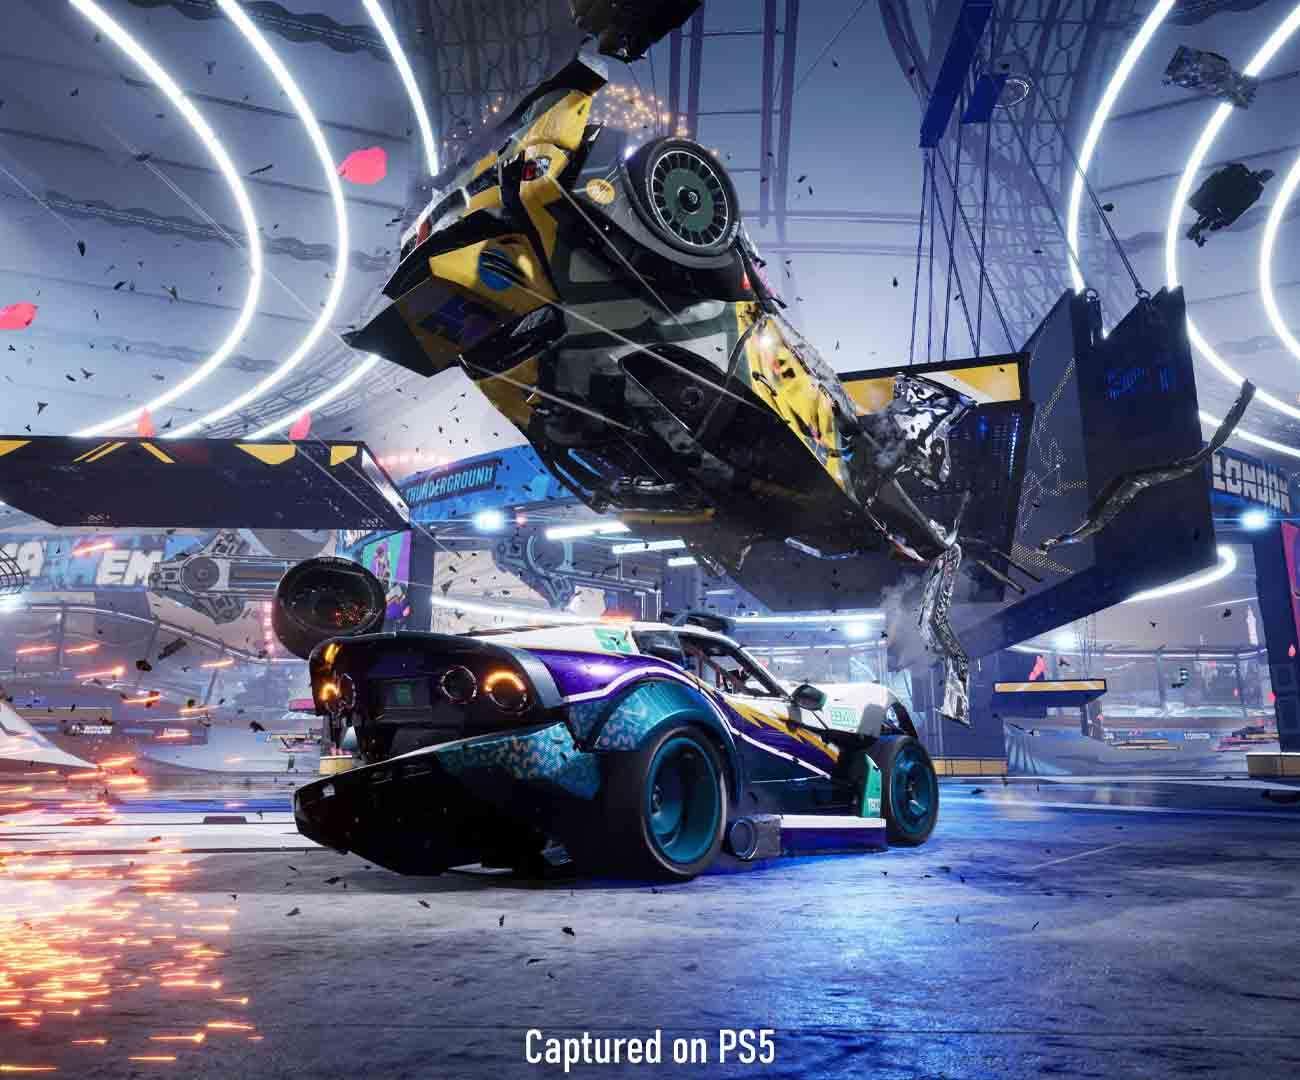 Przez przypadek odkryto gameplay Destruction AllStar, którego promocję zupełnie olano